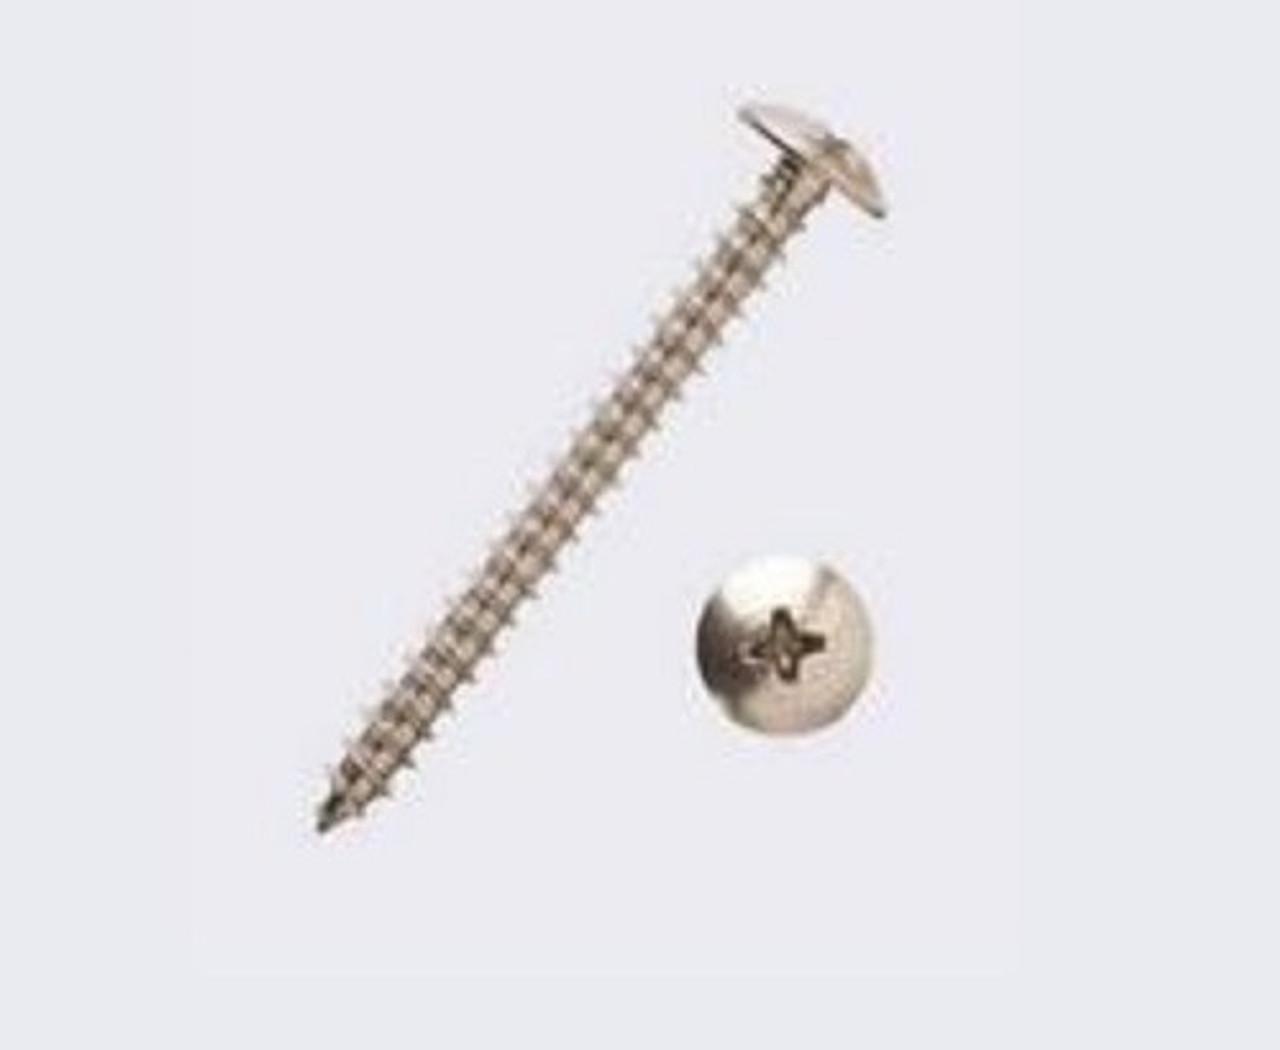 MeshGuard Self-Drilling Screw (100 Per Pack)